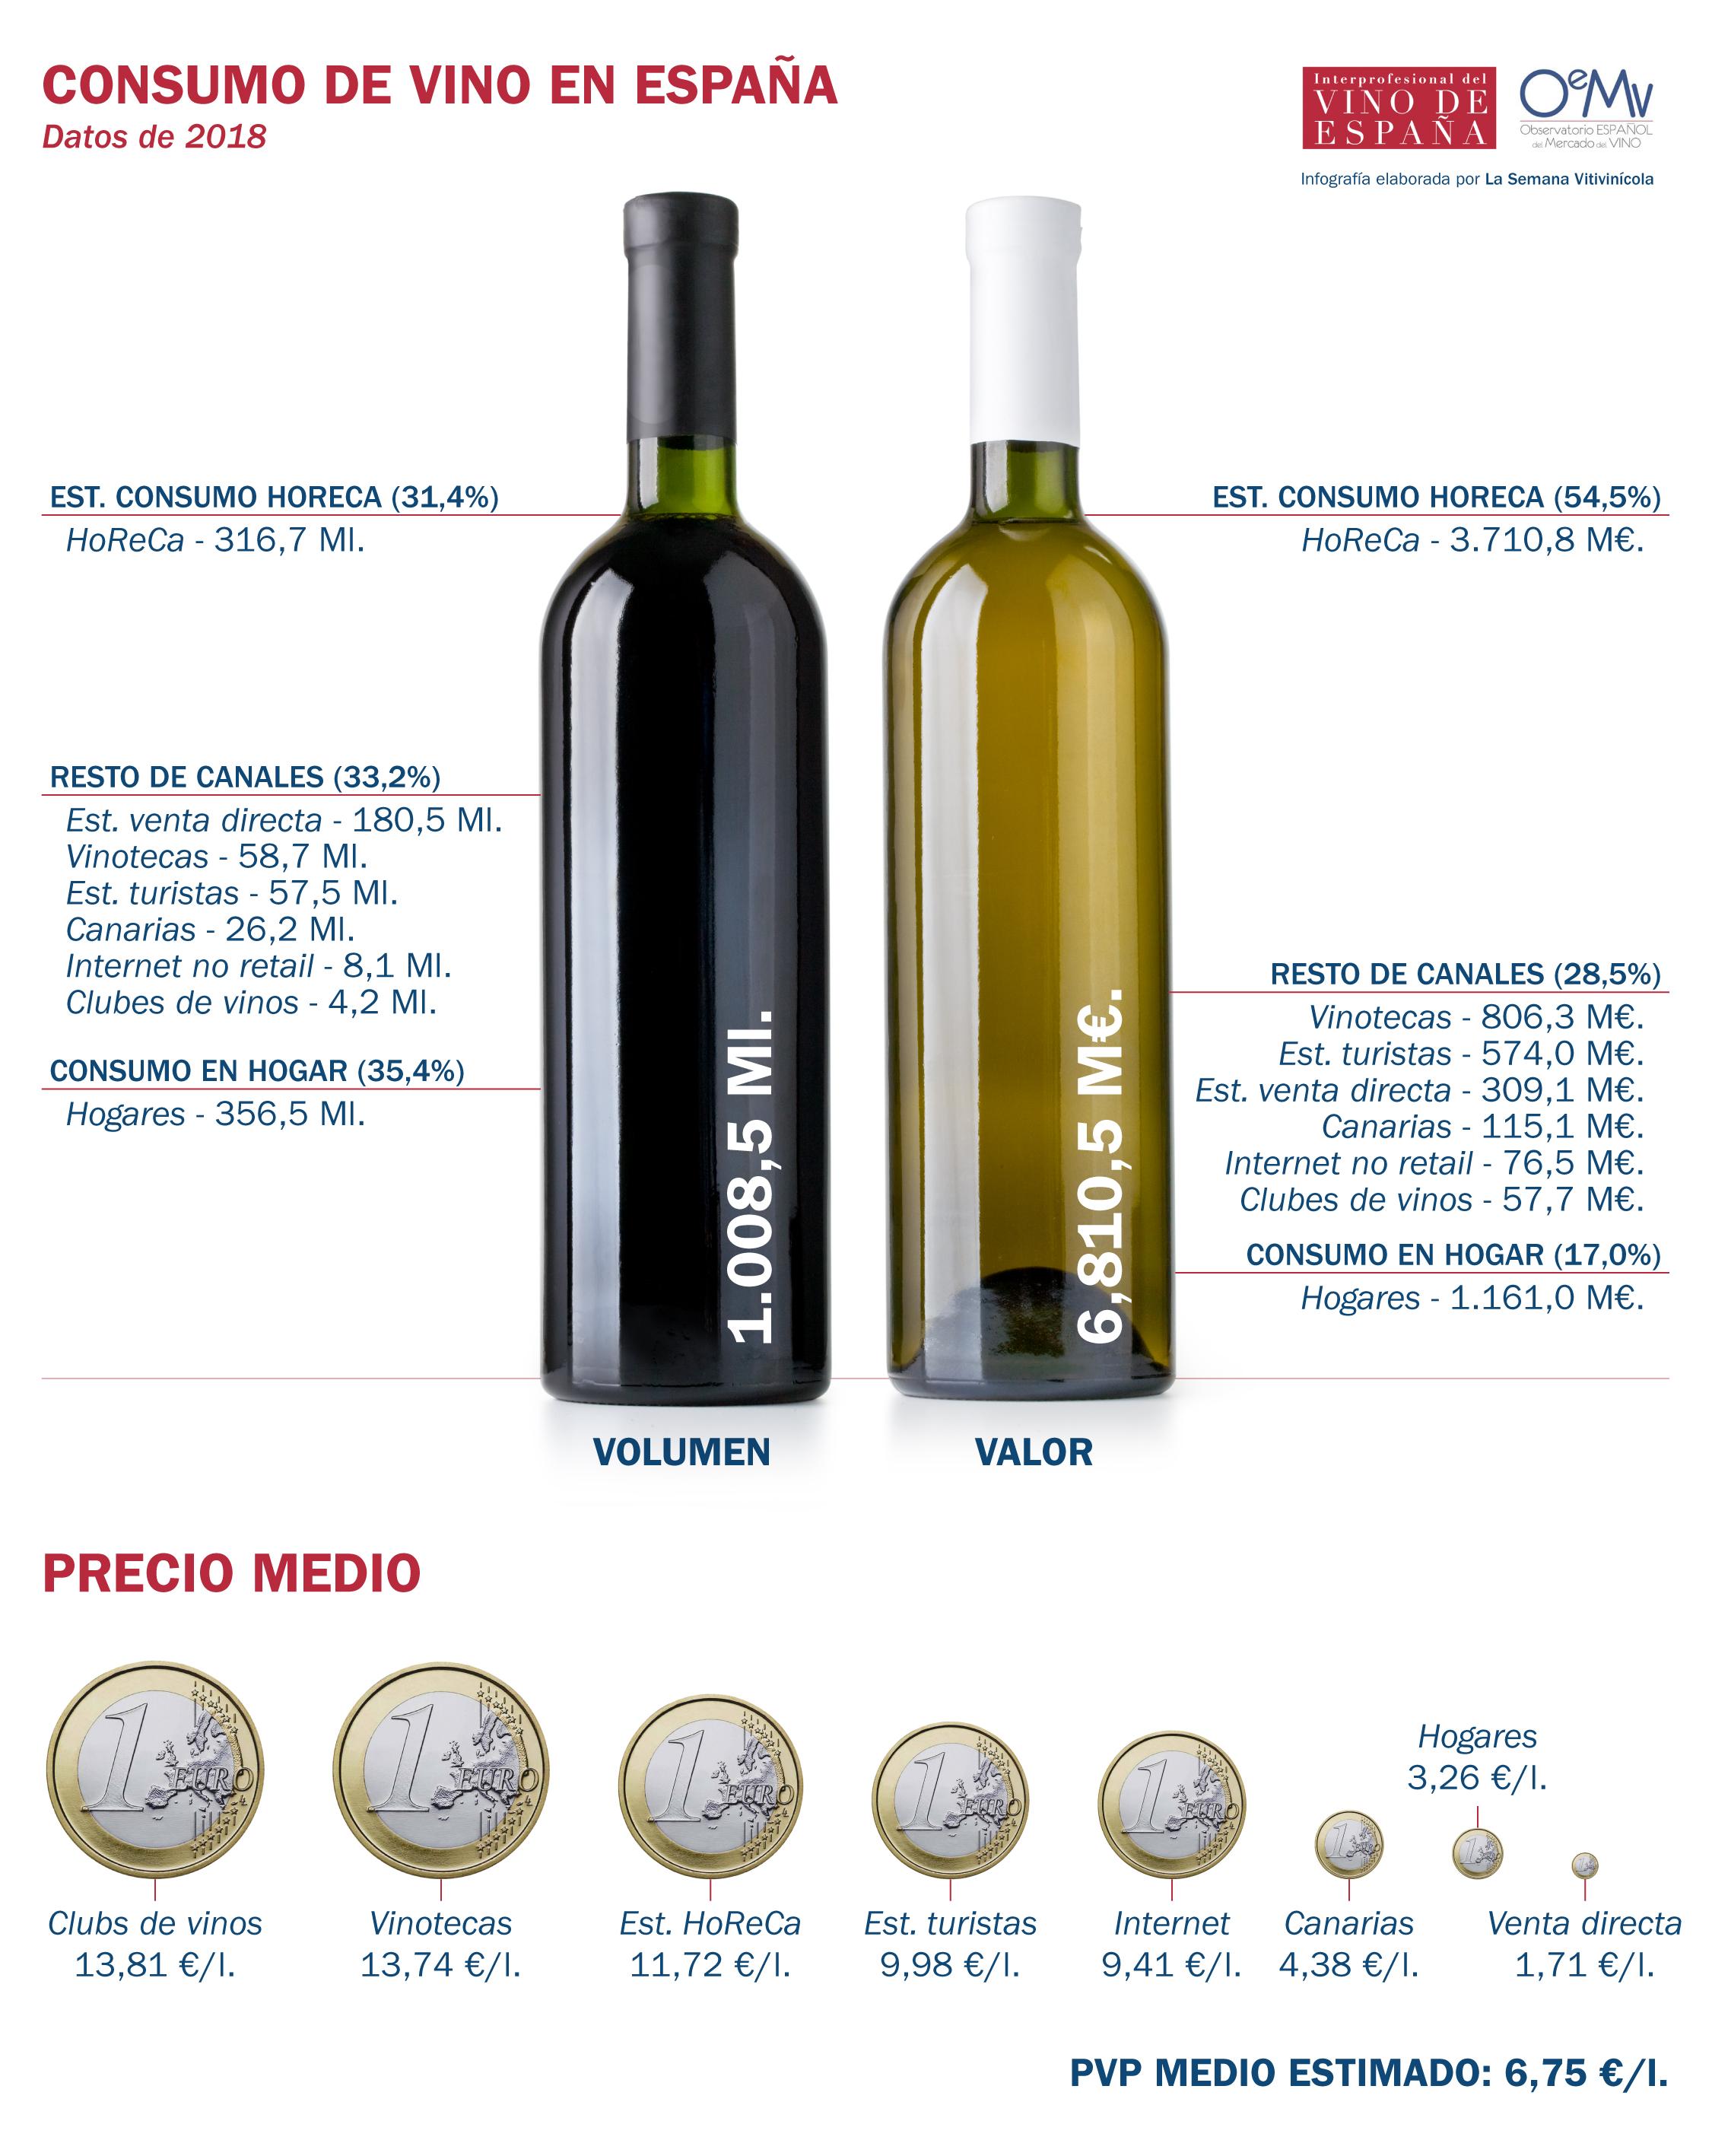 El consumo de vino en España gana terreno en canales cada vez más complejos y diversificados. Radiografía del consumo de vino en España Previo Crisis COVID-19